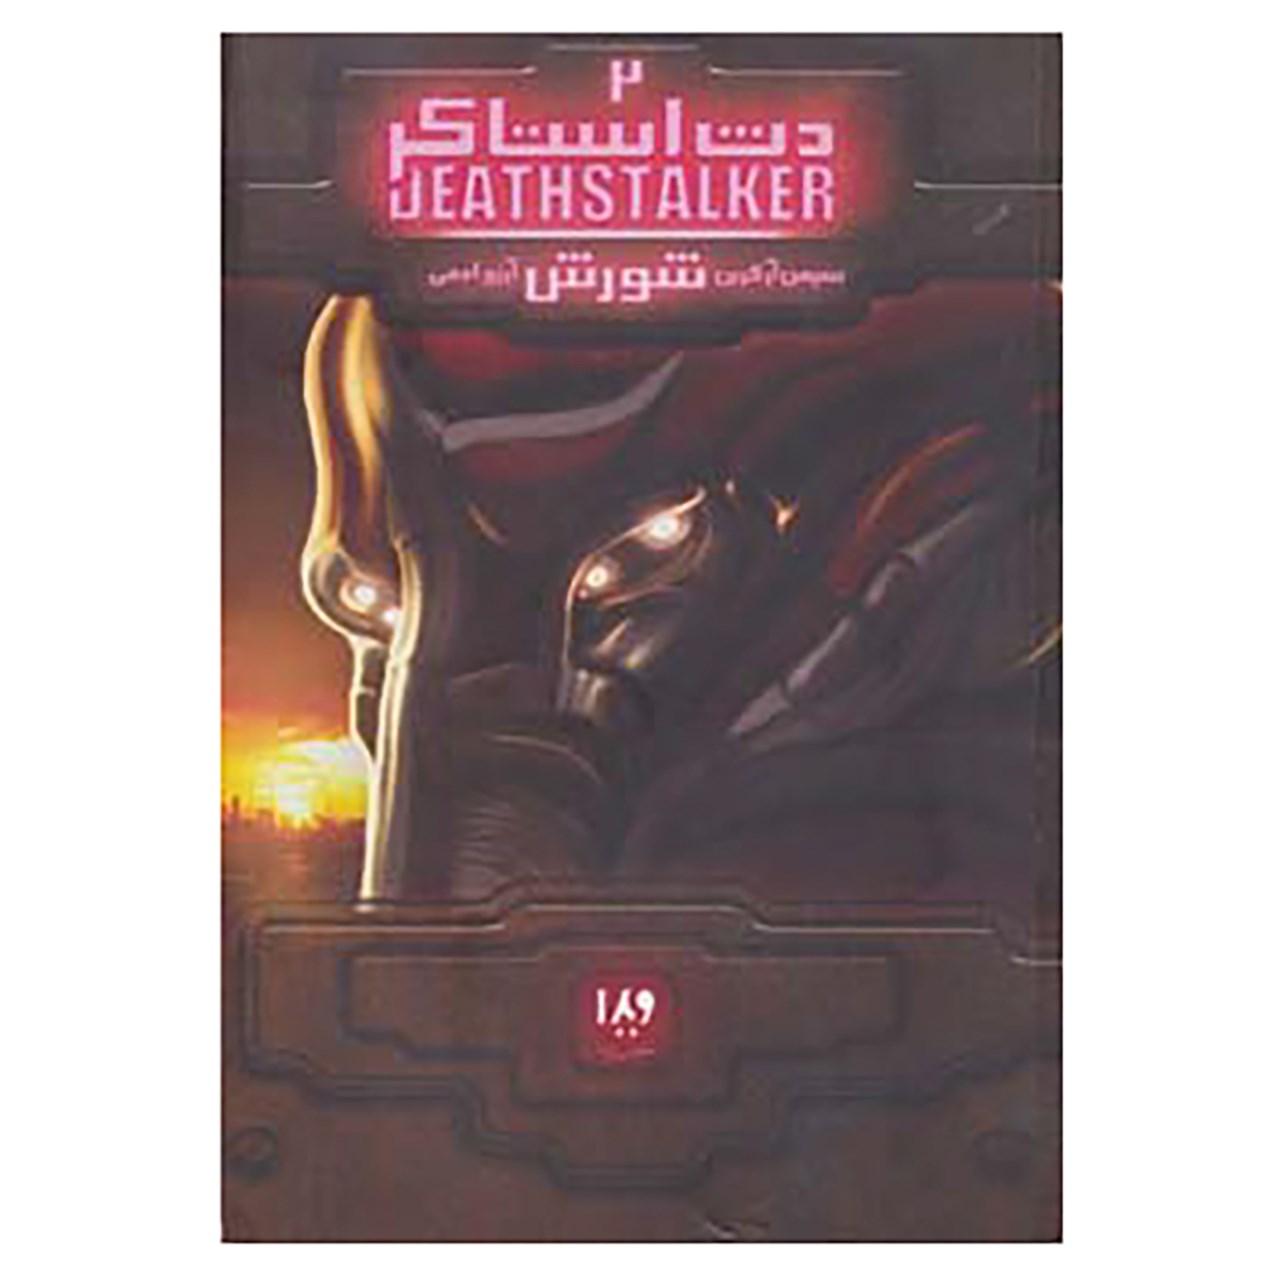 کتاب دث استاکر 2 اثر سیمون آر.گرین